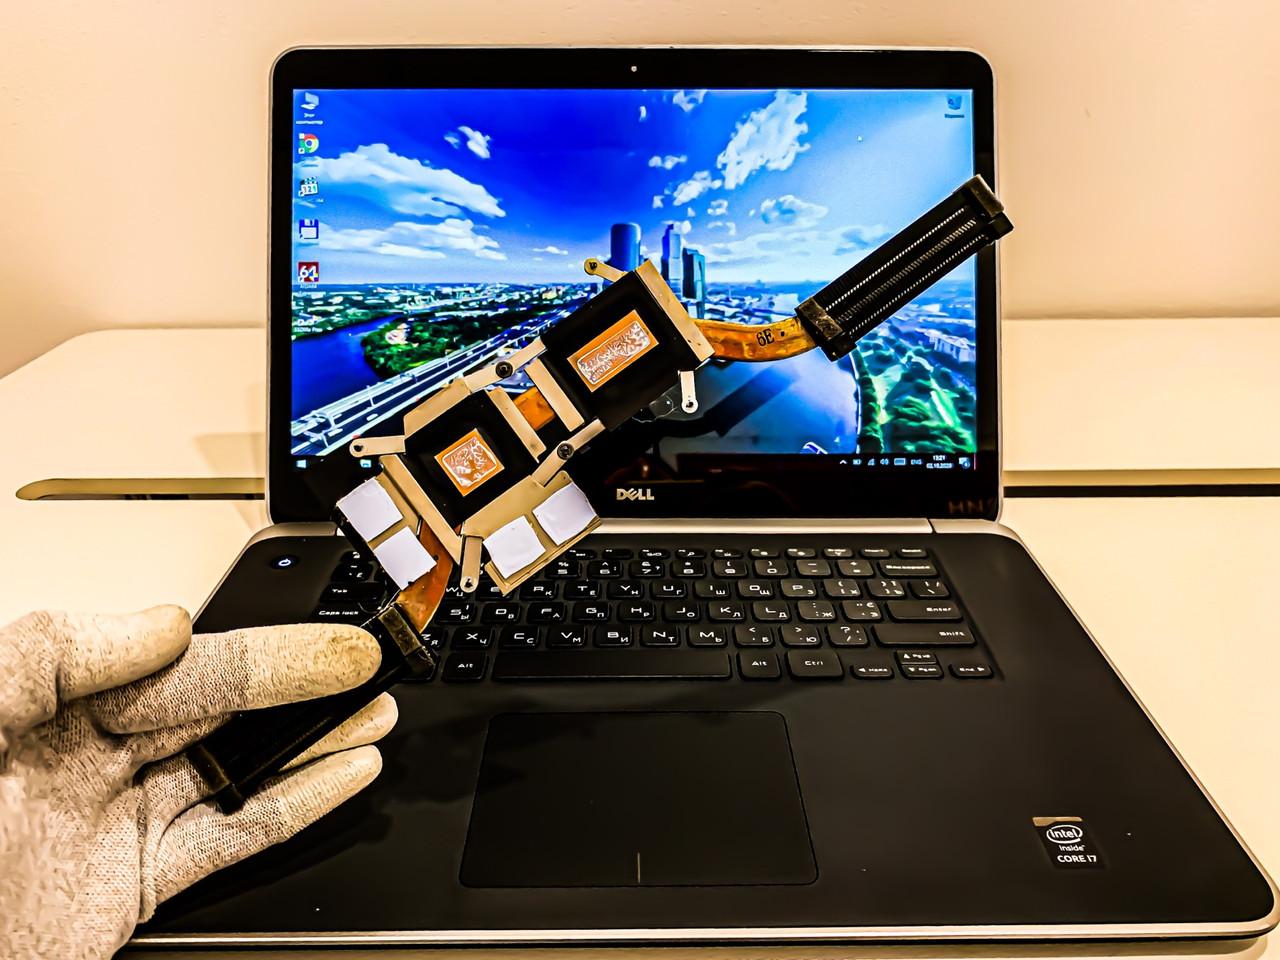 Сервисное обслуживание ноутбука DELL Precision M3800 - чистка системы охлаждения, замена термопасты / Киев